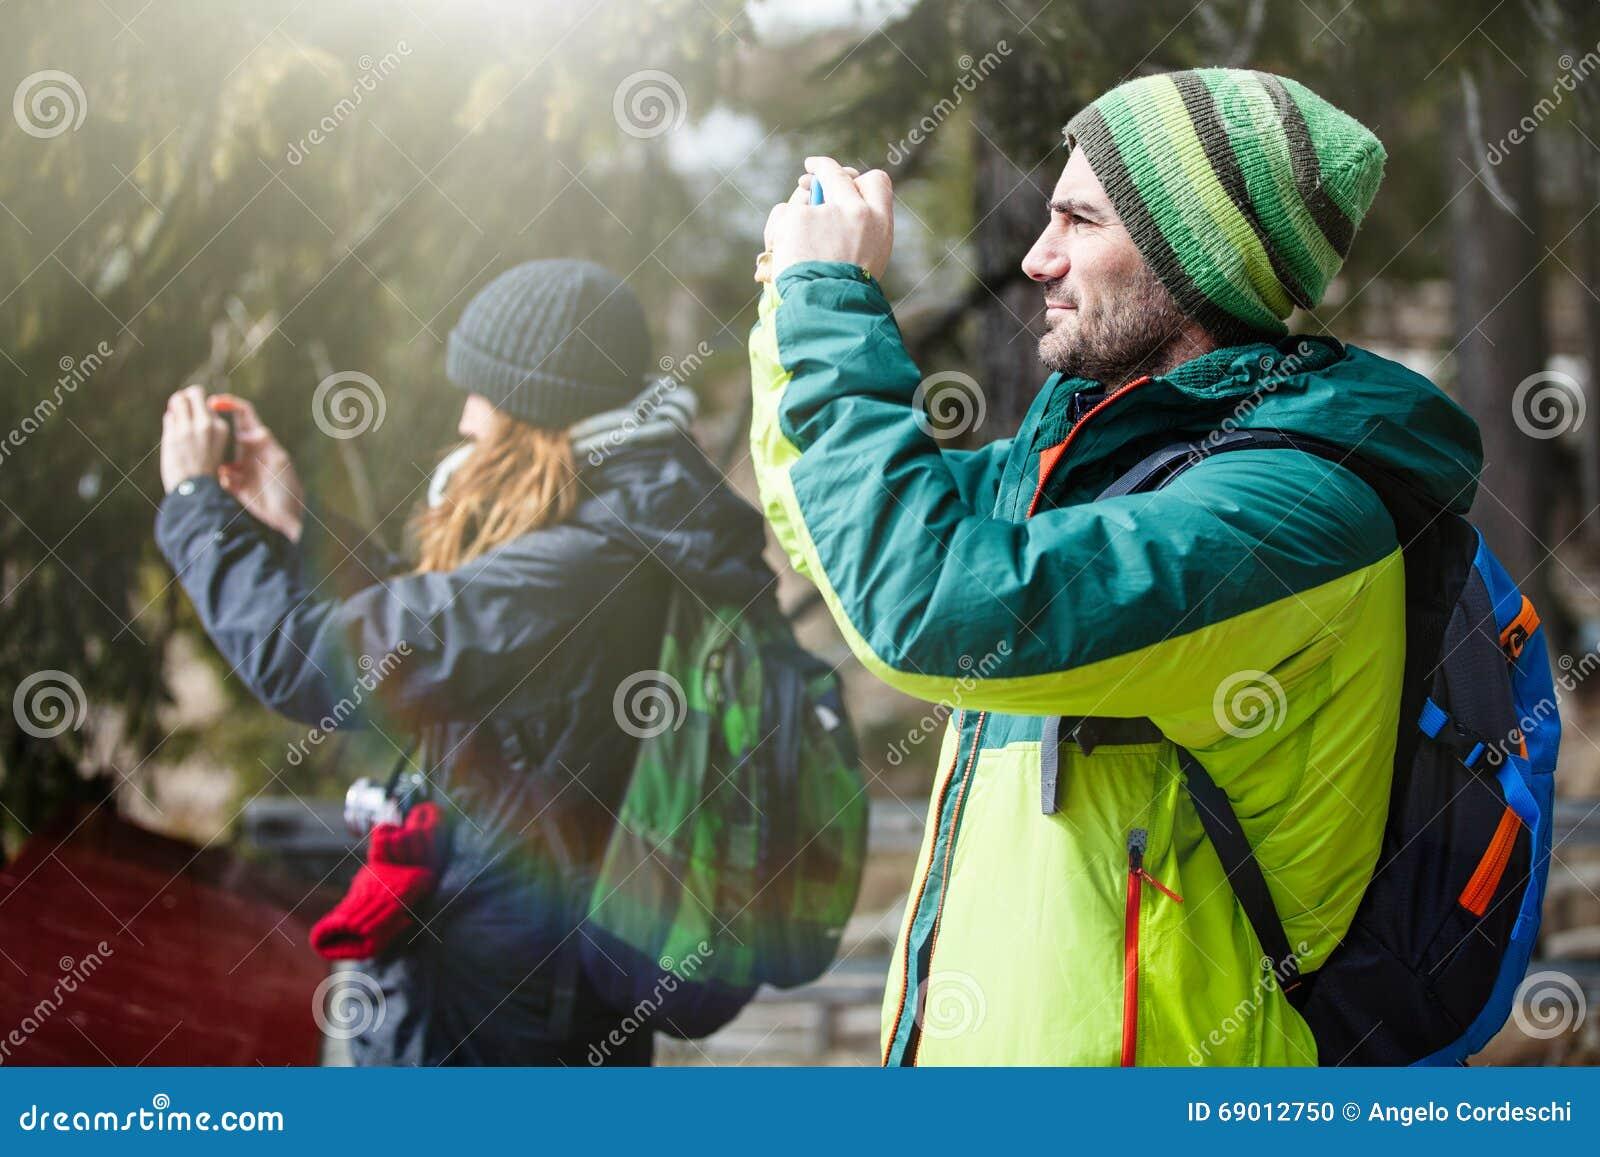 El caminar y fotografía Dos personas que toman una imagen